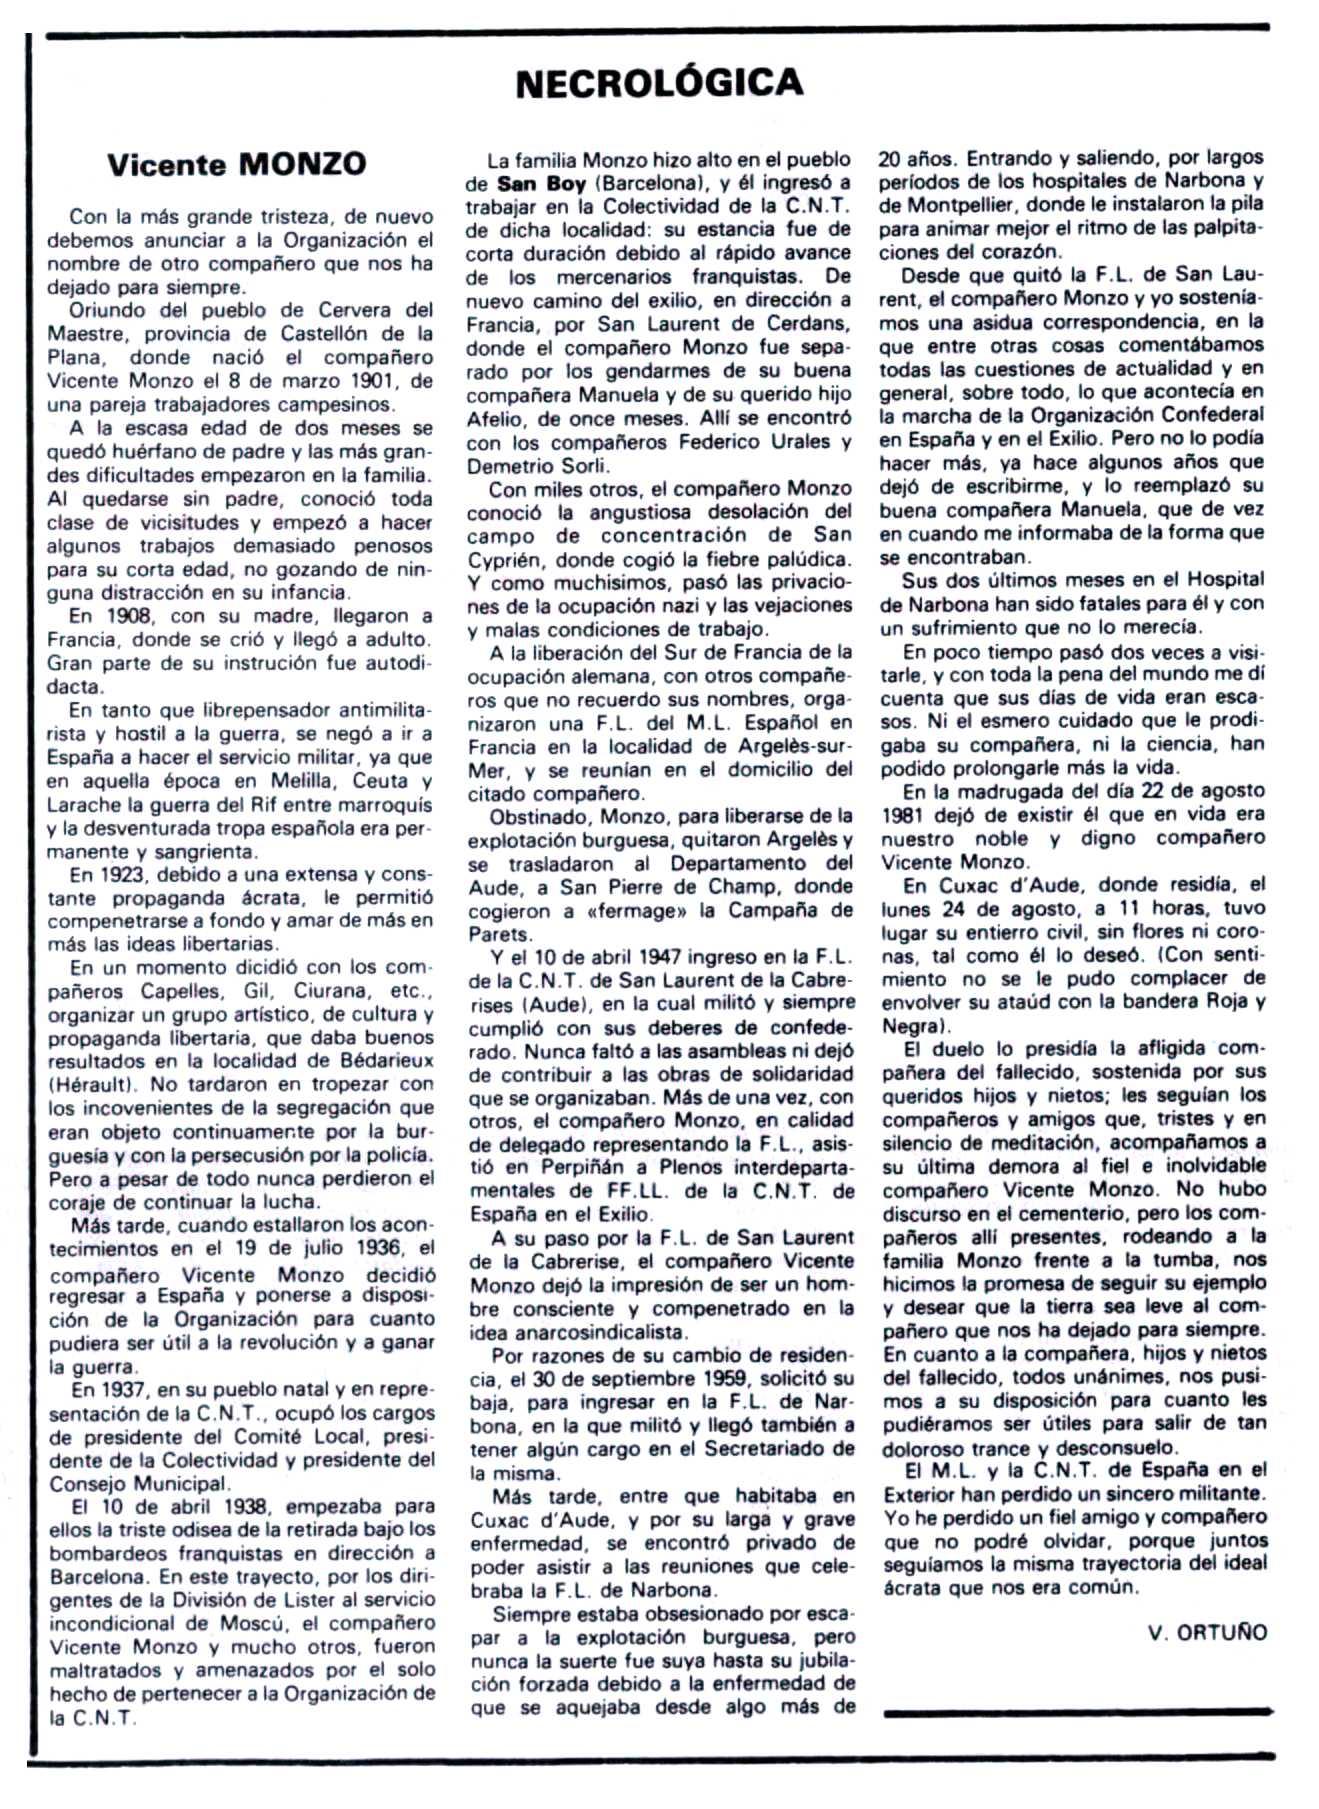 """Necrològica de Vicent Monzó Cervera apareguda en el periòdic tolosà """"Espoir"""" de l'11 d'octubre de 1981"""